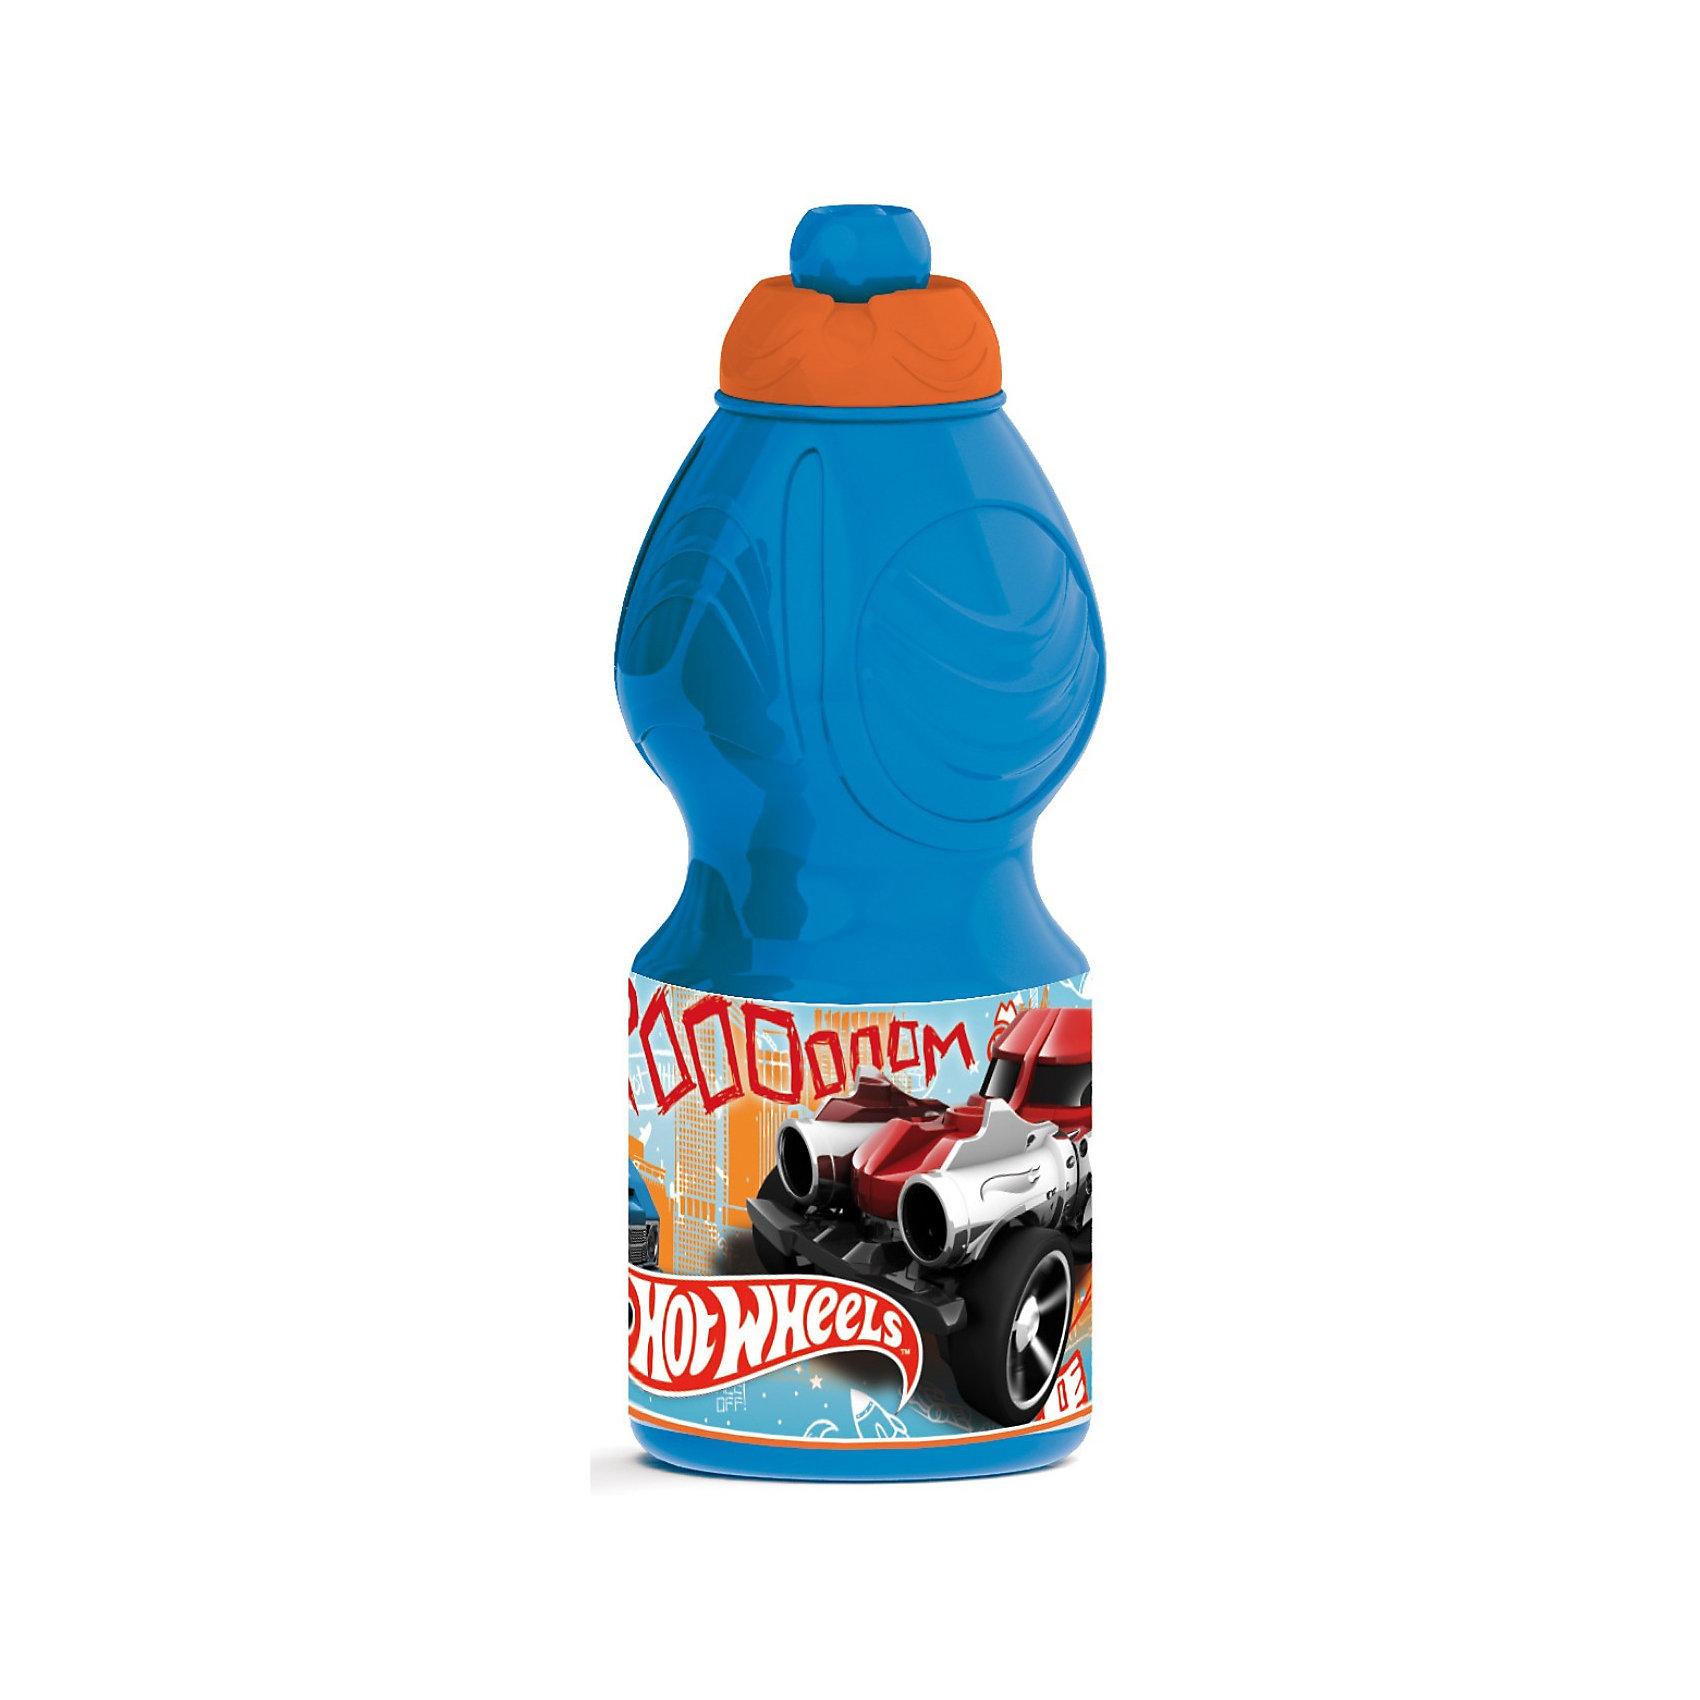 Бутылочка для питья (400мл), Hot WheelsБутылочка для питья (400мл), Hot Wheels (Хот Вилс) – это не только удобная, но и очень красивая бутылочка с рисунком Hot Wheels.<br>Спортивная бутылочка для питья Hot Wheels (Хот Вилс) изготовлена из качественного пластика, без использования токсичных красителей. Бутылочка проста в эксплуатации, герметична, легко моется вручную и легко переносит высокие температуры. Но главное достоинство этой ёмкости - необычный внешний вид. Интересный дизайн позволит Вашему ребенку использовать бутылочку в разнообразных играх про пиратов, космических путешественников или роботов, ведь даже супергероям необходимо есть и пить. Ваш ребенок может брать бутылочку в поход, на прогулку или в школу. Максимально возможная температура жидкости – 40 градусов. Не предназначена для использования в микроволновой печи. Не кипятить.<br><br>Дополнительная информация:<br><br>- Объем: 400 мл.<br>- Высота: 18 см.<br>- Материал: пластик<br><br>Бутылочку для питья (400мл), Hot Wheels (Хот Вилс) можно купить в нашем интернет-магазине.<br><br>Ширина мм: 70<br>Глубина мм: 70<br>Высота мм: 195<br>Вес г: 60<br>Возраст от месяцев: 36<br>Возраст до месяцев: 108<br>Пол: Мужской<br>Возраст: Детский<br>SKU: 3667799